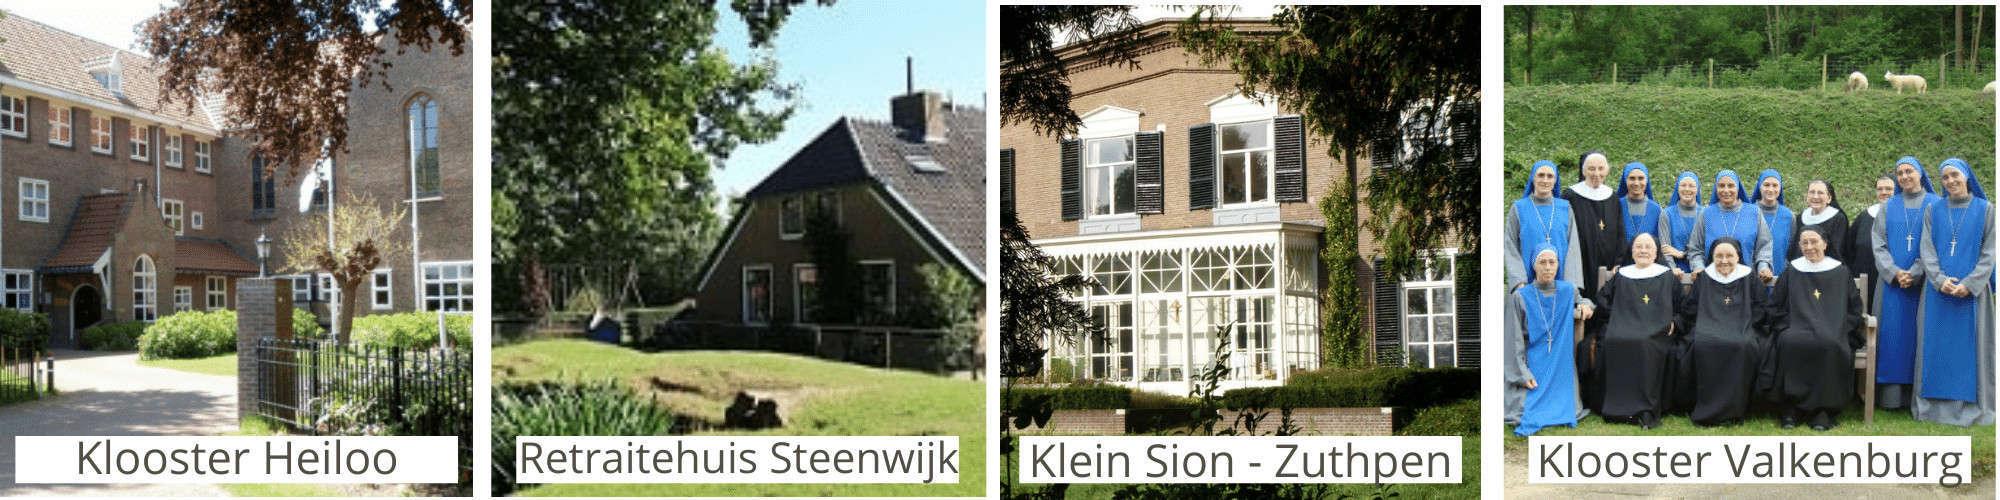 Kloosters in Nederland - Retraitelocaties